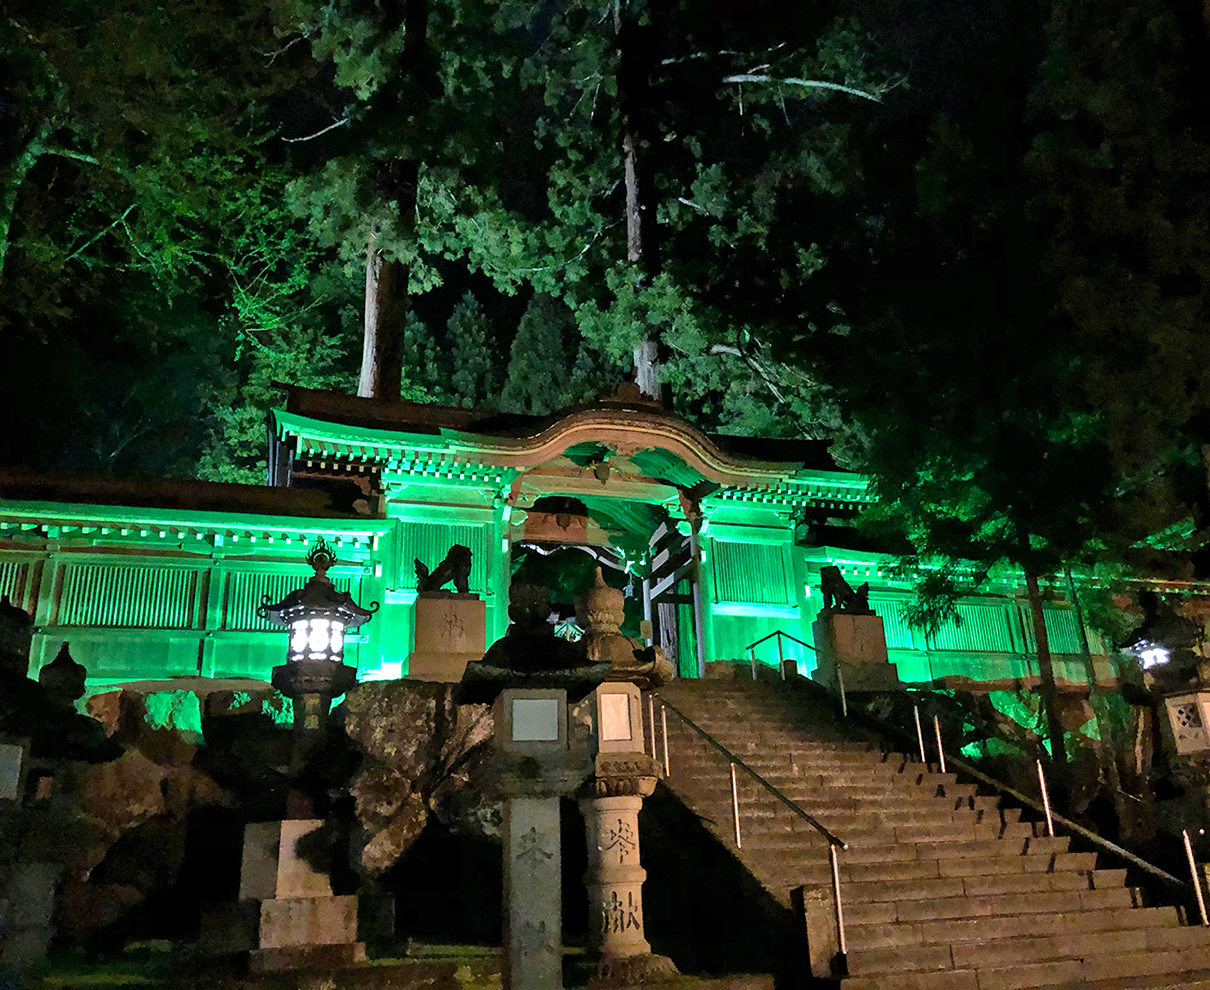 紙の神様宿る社『岡太神社・大瀧神社』のライトアップで感謝の想いをささげよう。【2/20~3/6】